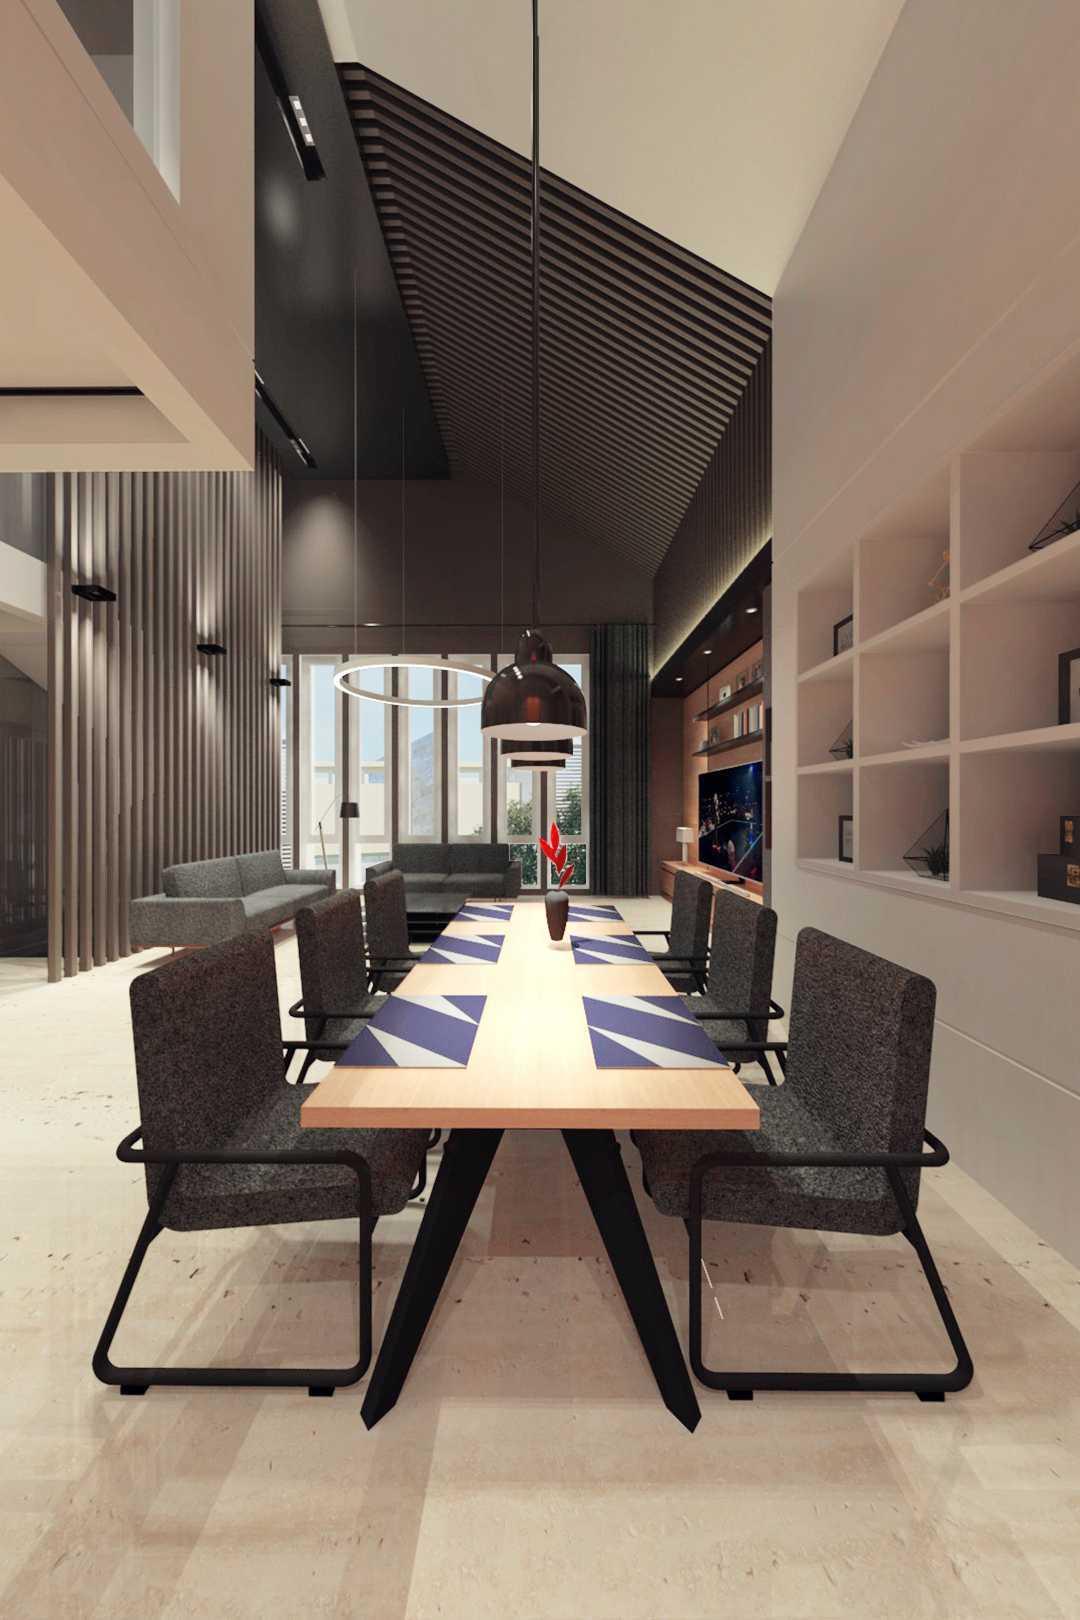 Tataruang Architects Ww House Klp. Gading, Kota Jkt Utara, Daerah Khusus Ibukota Jakarta, Indonesia  Tataruang-Architects-Ww-House   51591